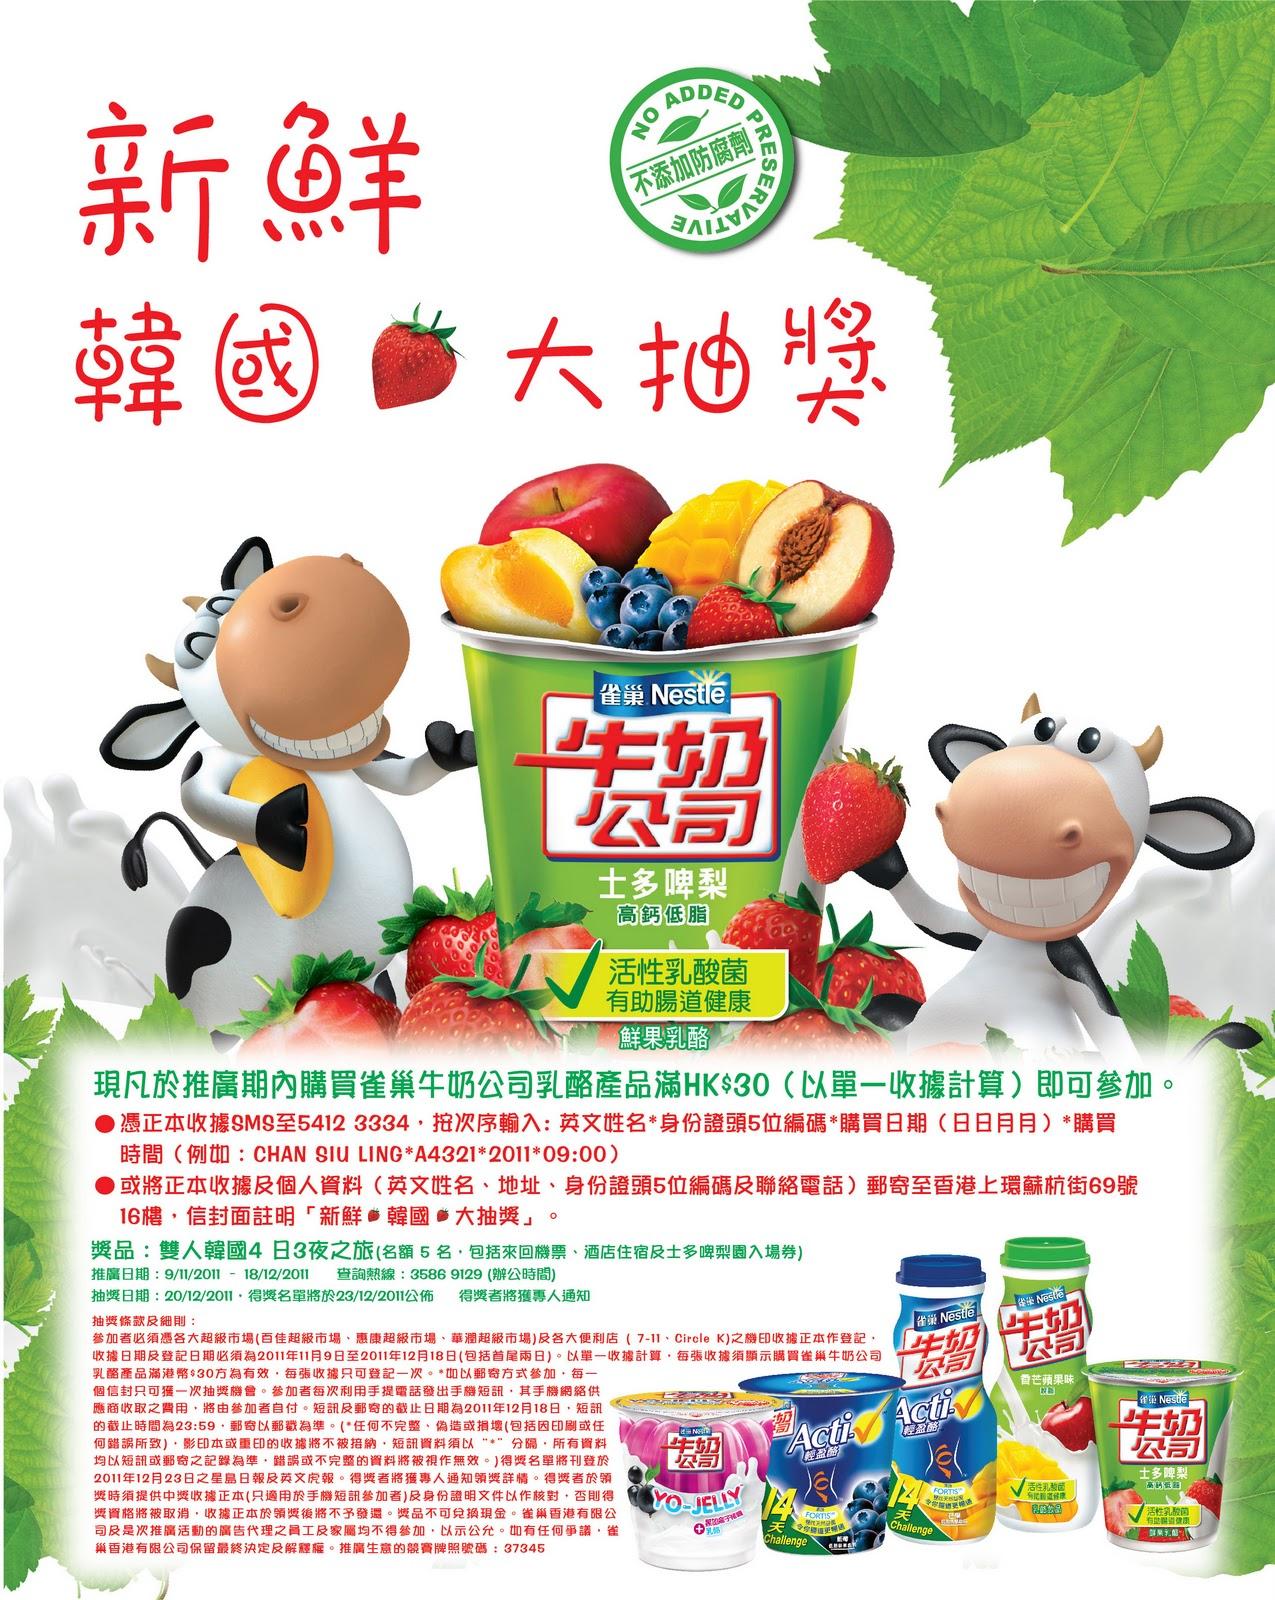 Jetso Share Hong Kong: 雀巢牛奶公司「新鮮韓國.大抽獎」